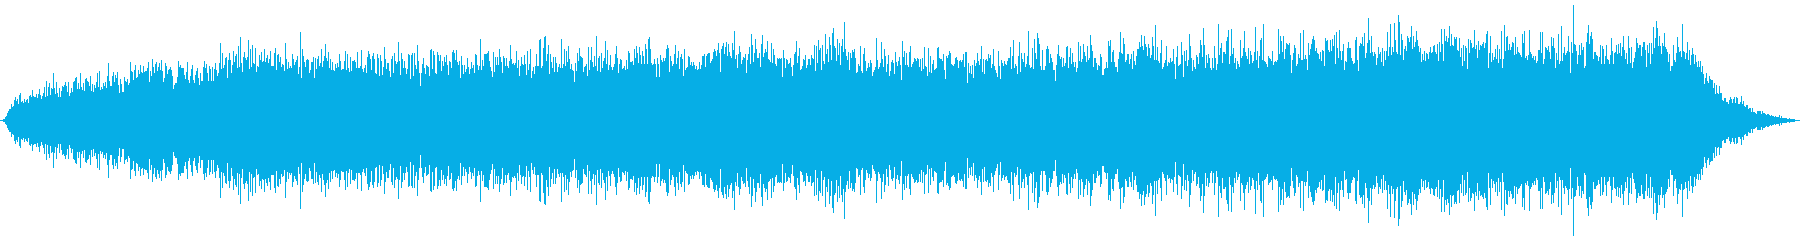 ドローン 微妙な脅威01の再生済みの波形